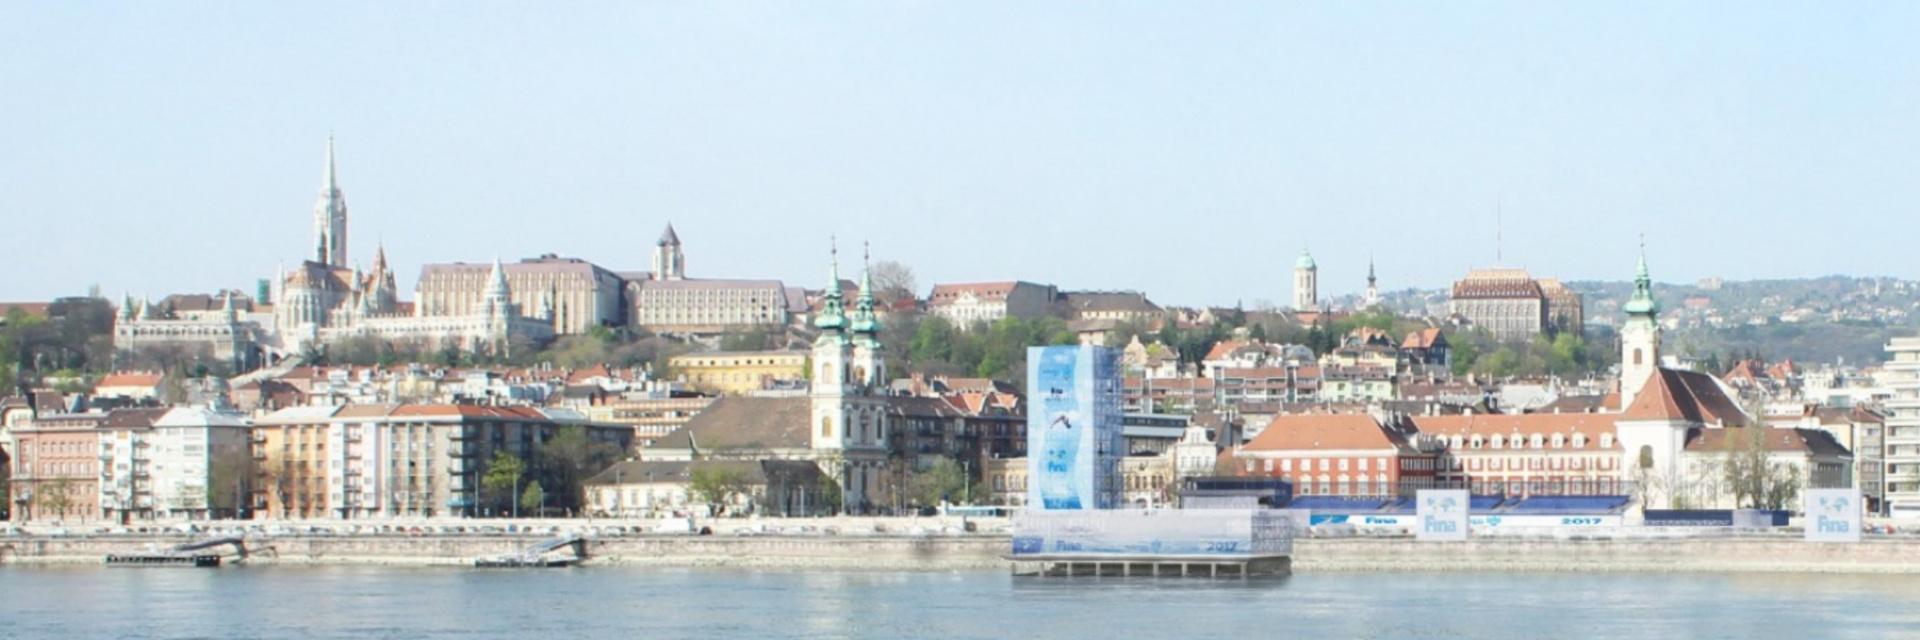 Batthyány tér/Duna-part